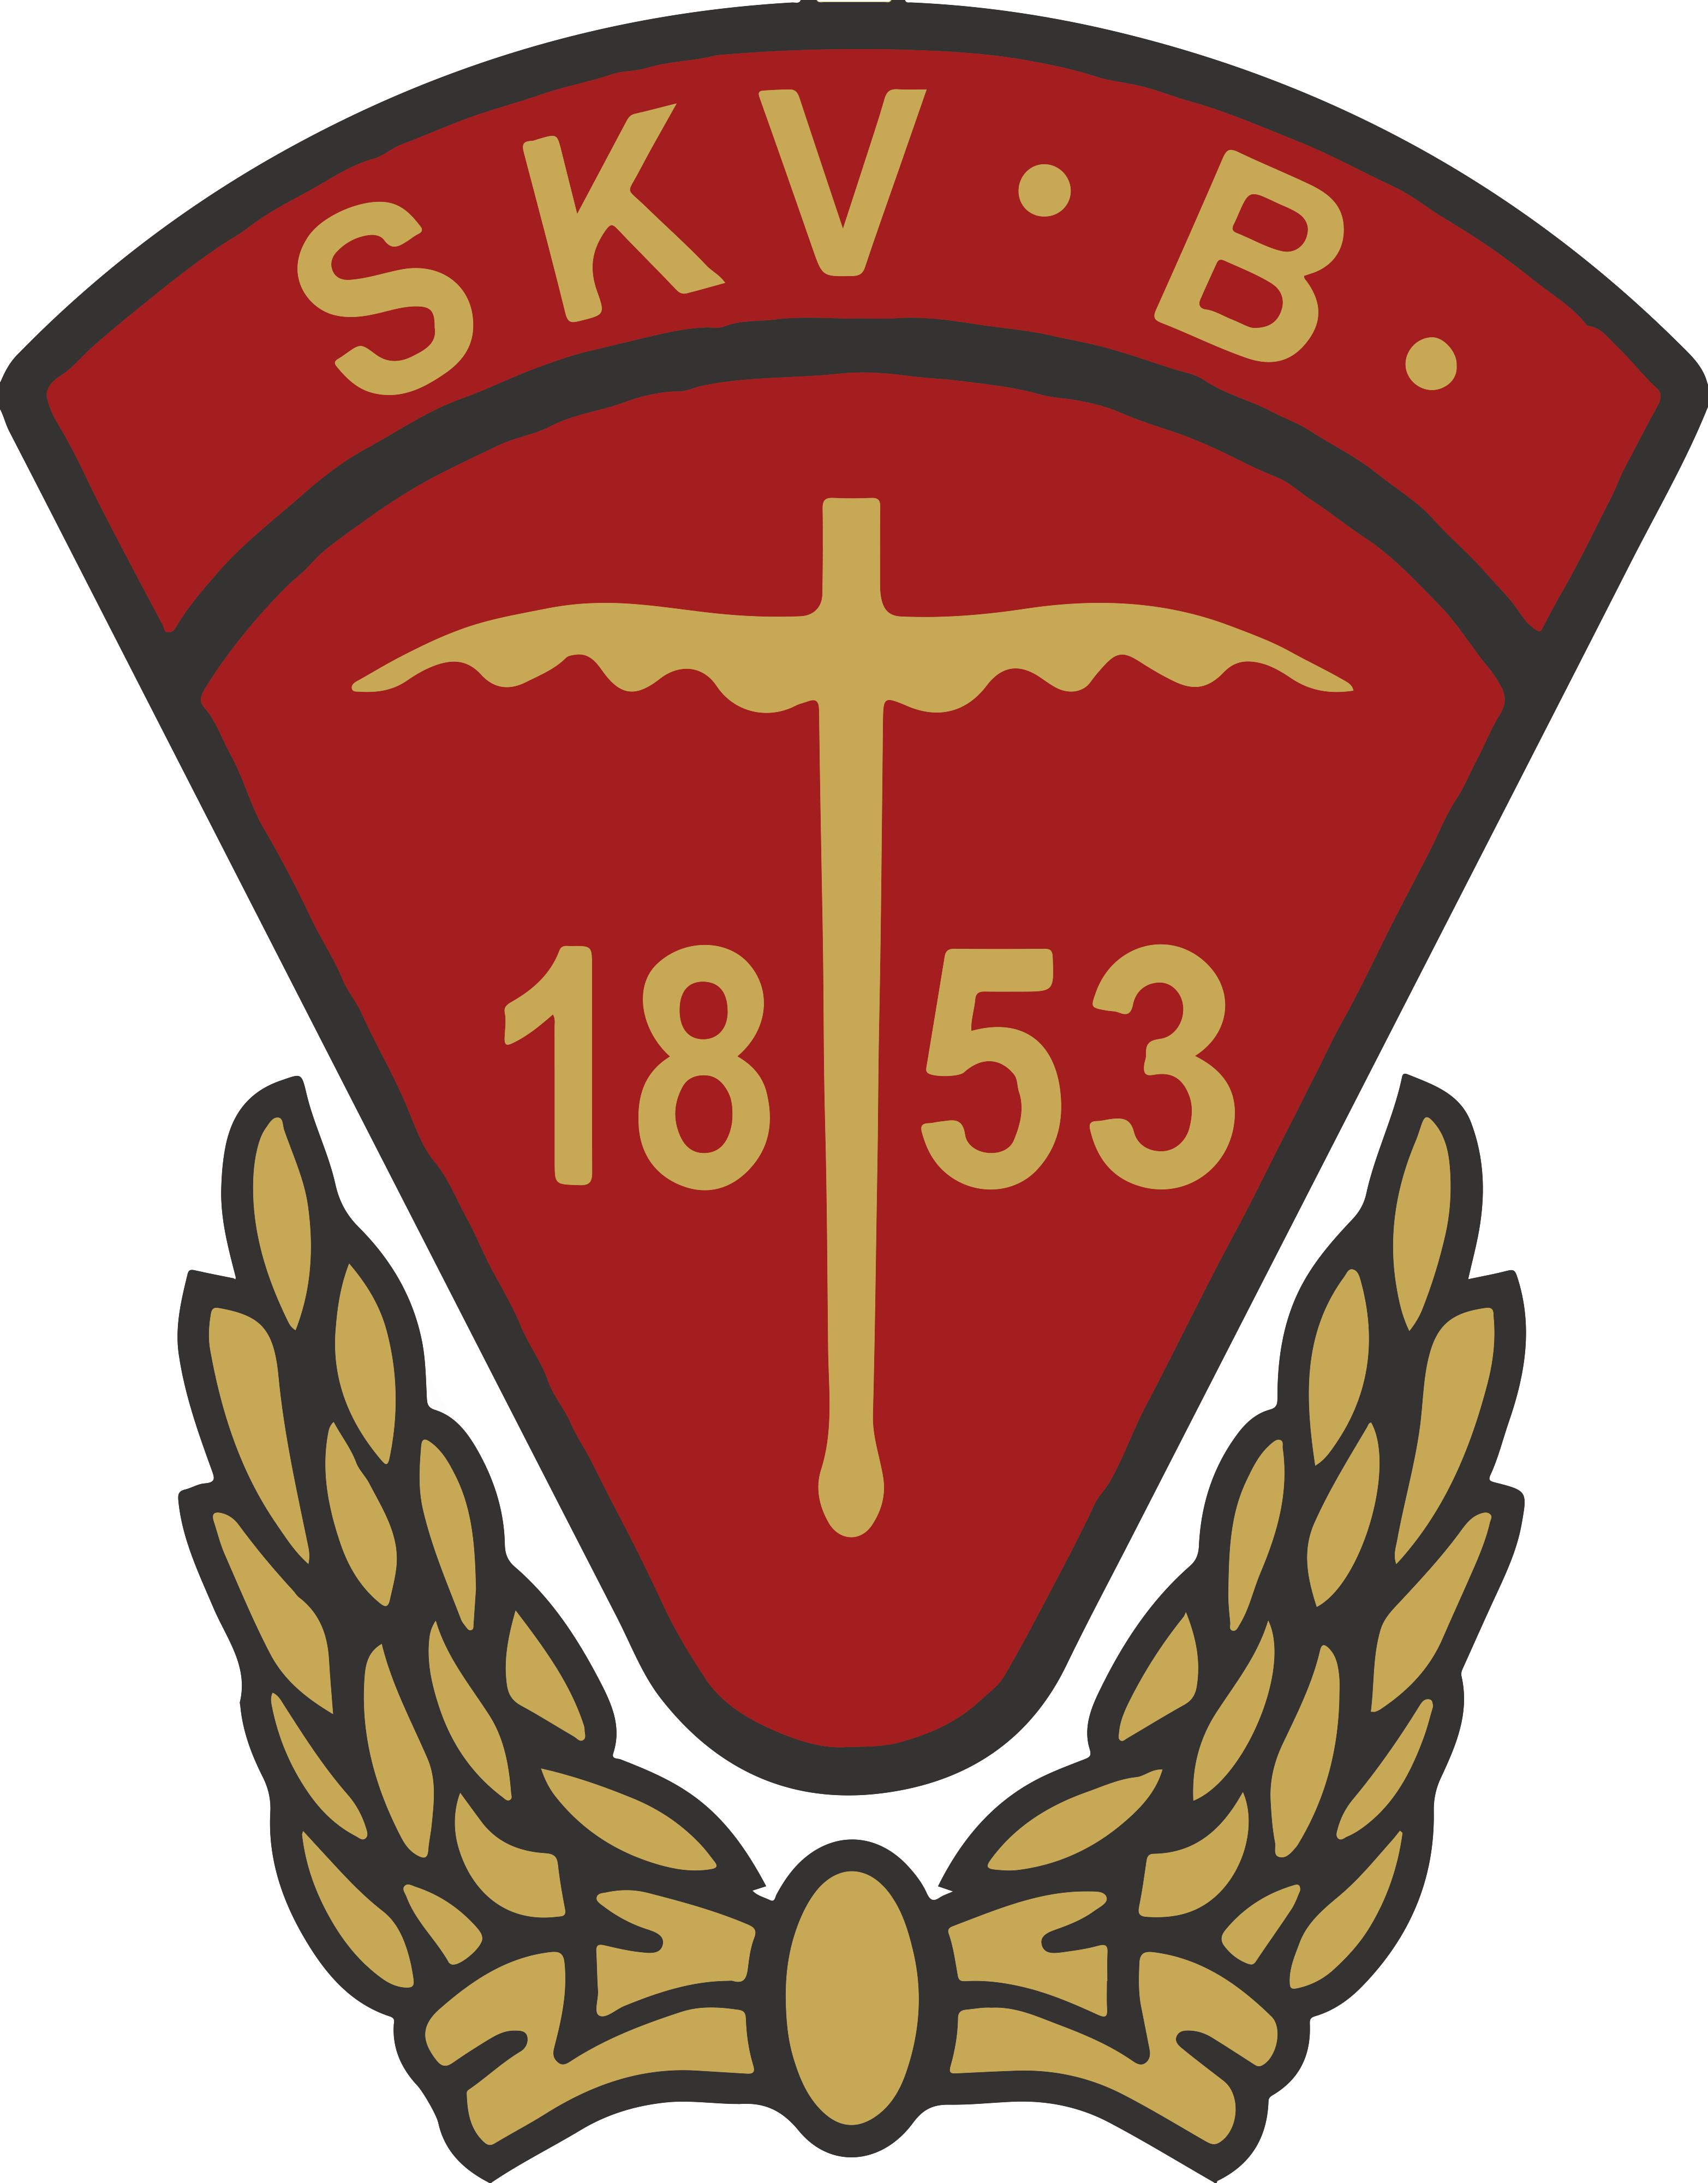 SKVB Logo